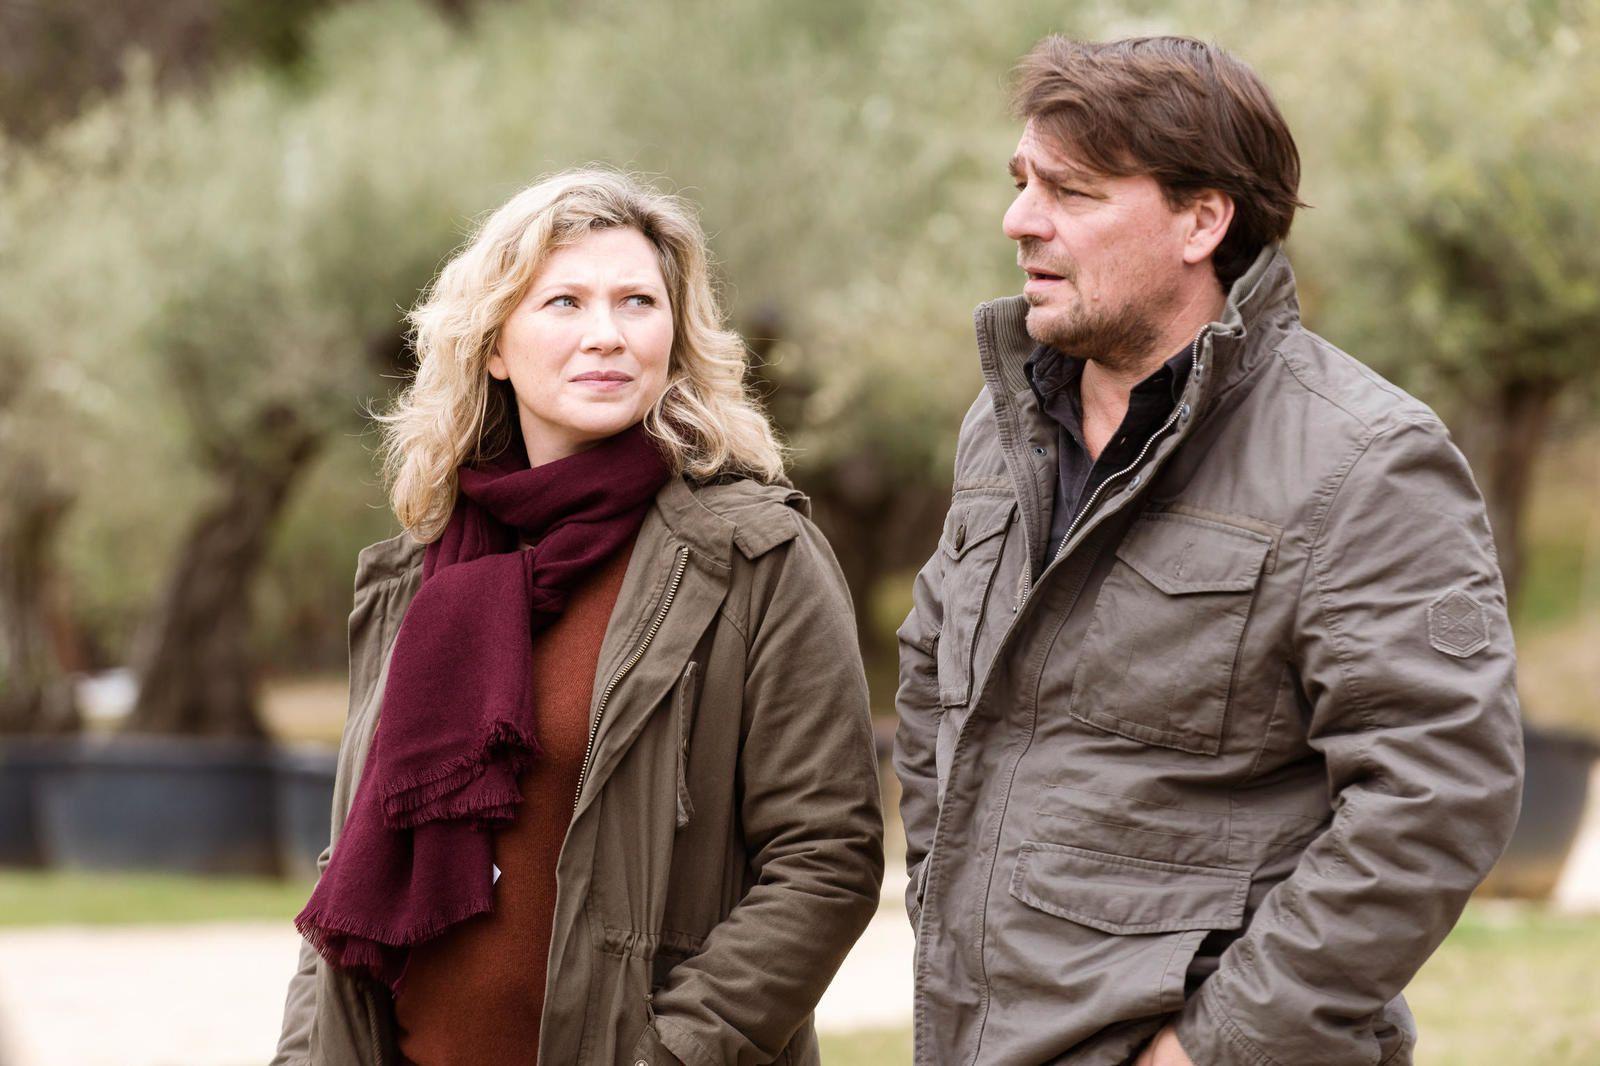 L'histoire et les interprètes de Meurtres à Sarlat, téléfilm rediffusé ce vendredi sur France 3.